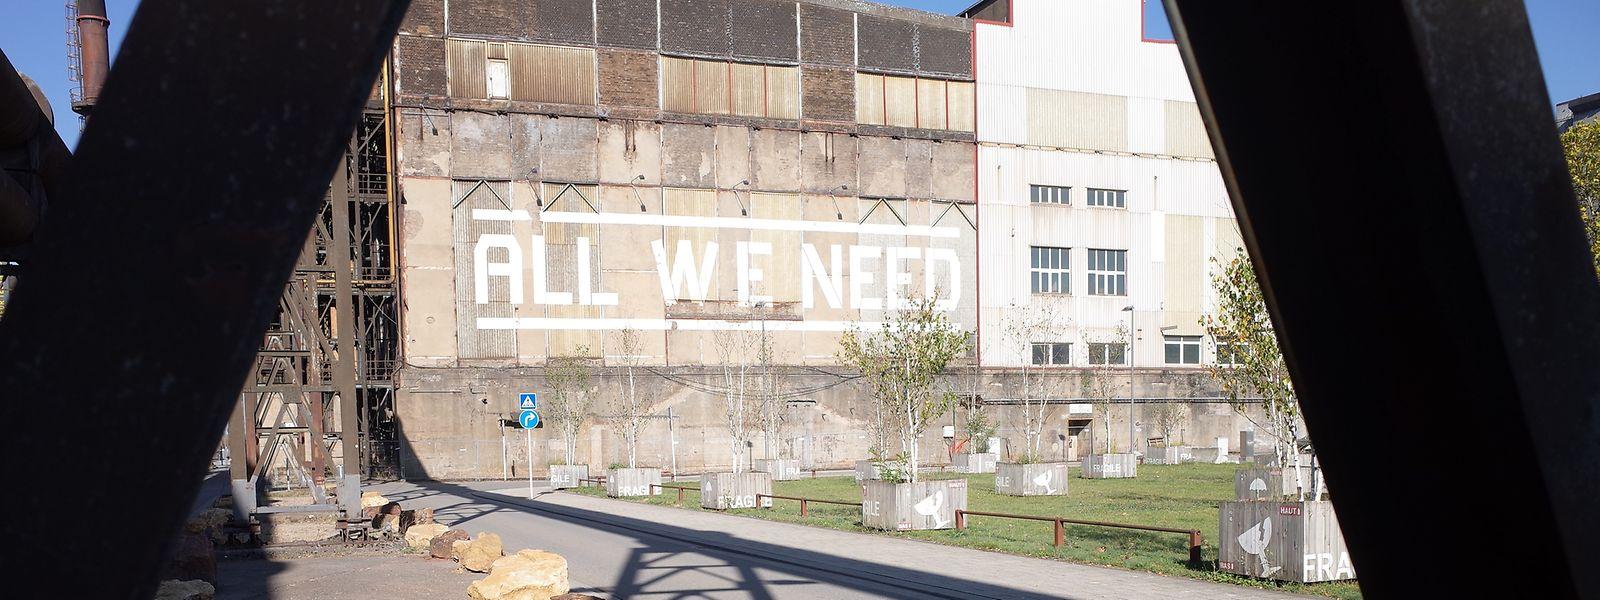 Seit seinem letzten Besuch 1996 hat sich in der Gebläsehalle wenig geändert, urteilt Architekt Heinrich Böll. Seiner Einschätzung nach könnte der stabile Industriebau noch 100 Jahre bestehen.